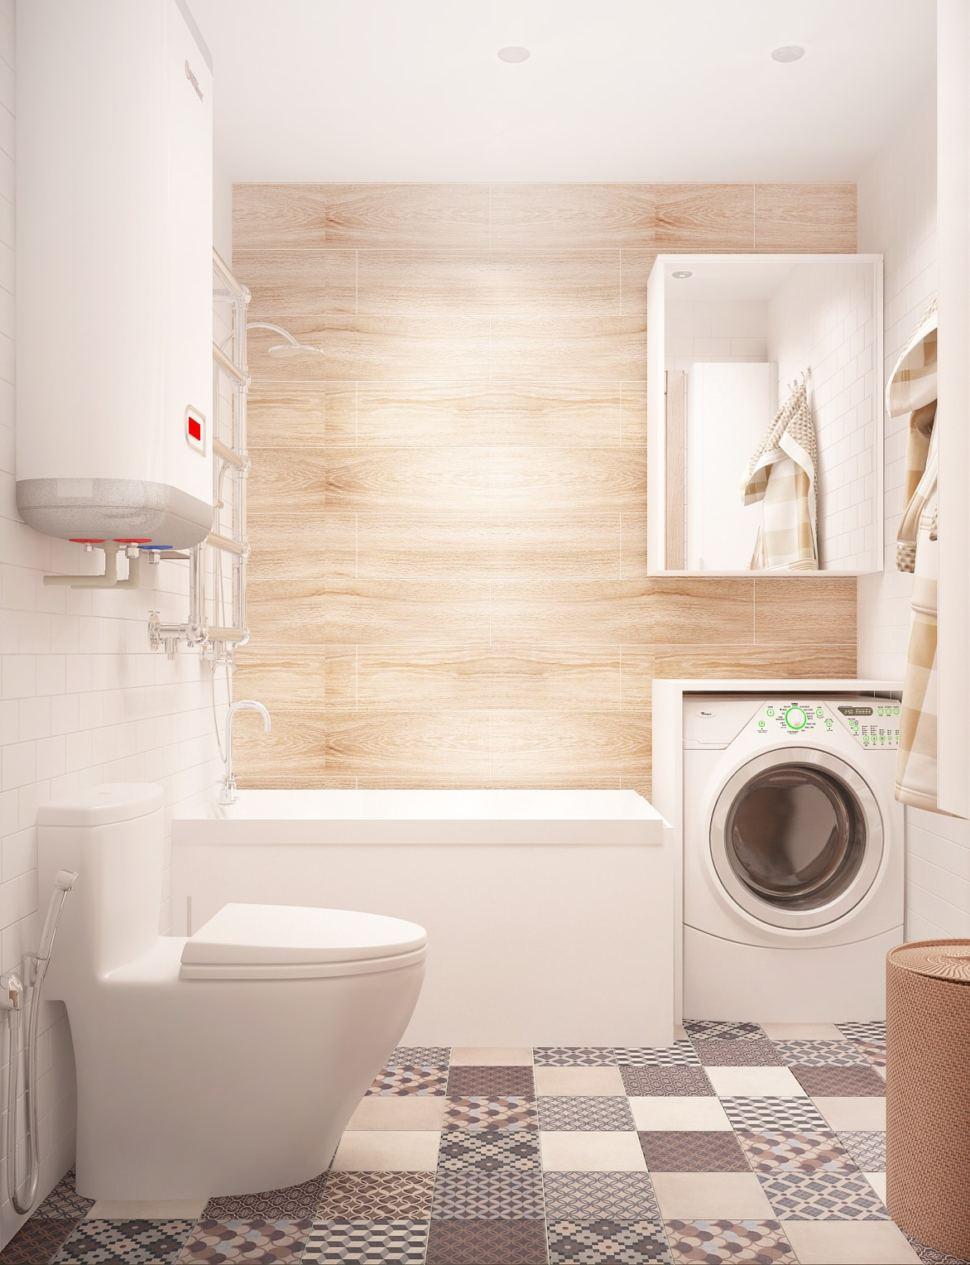 Интерьер ванной комнаты 3 кв.м в бежевых оттенках, керамическая плитка, белый унитаз, стиральная машинка, белая полка